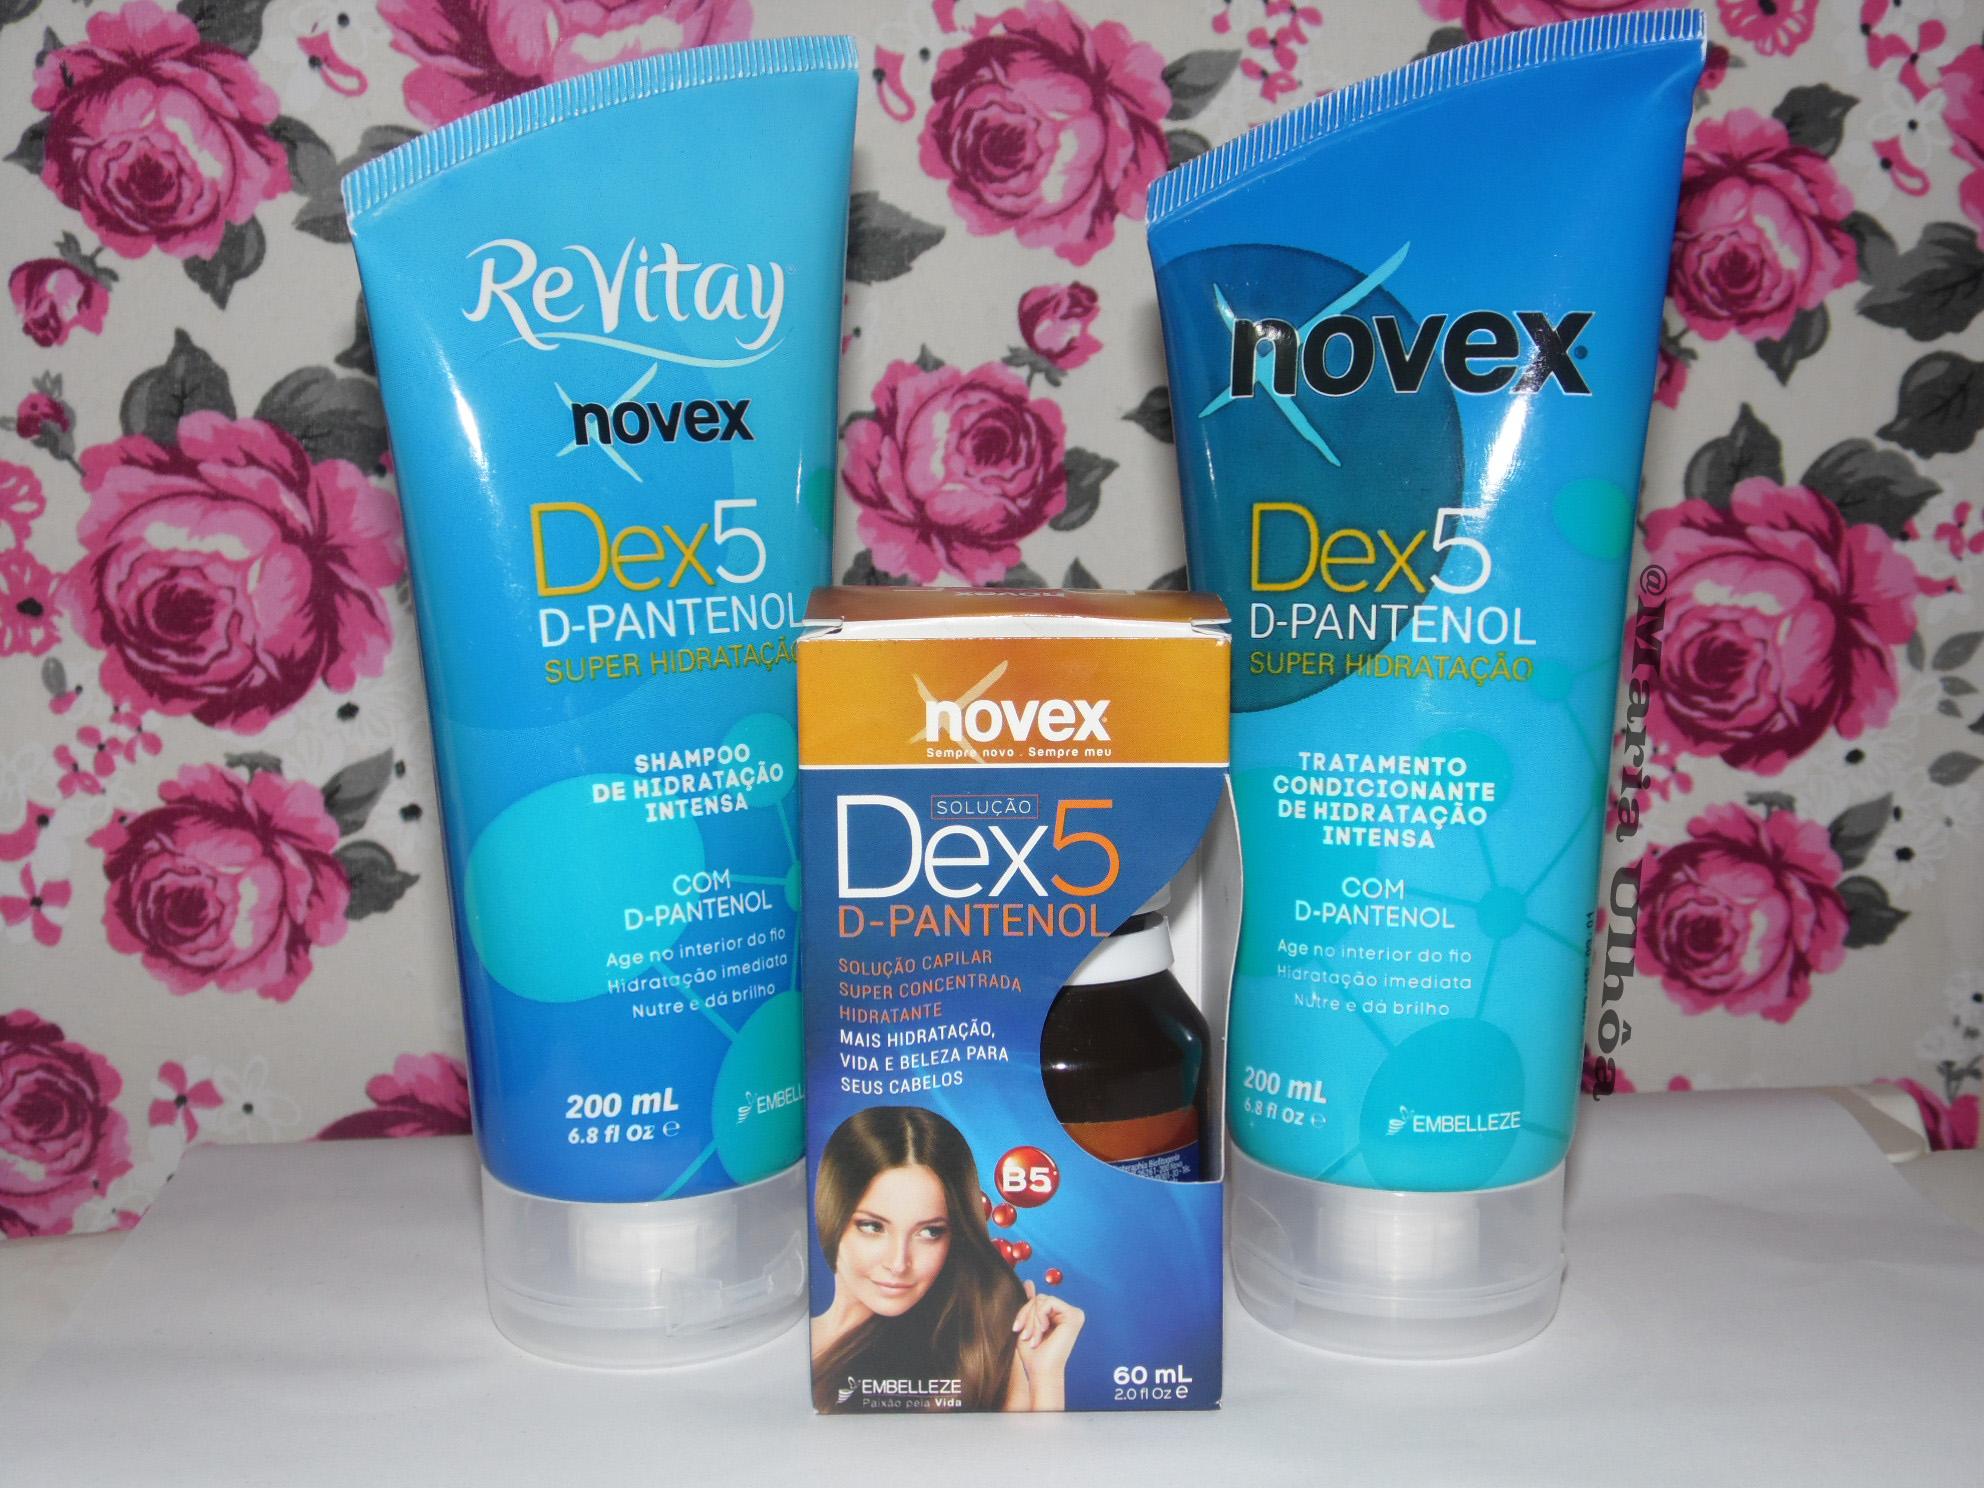 Dex 5 D-pantenol Novex